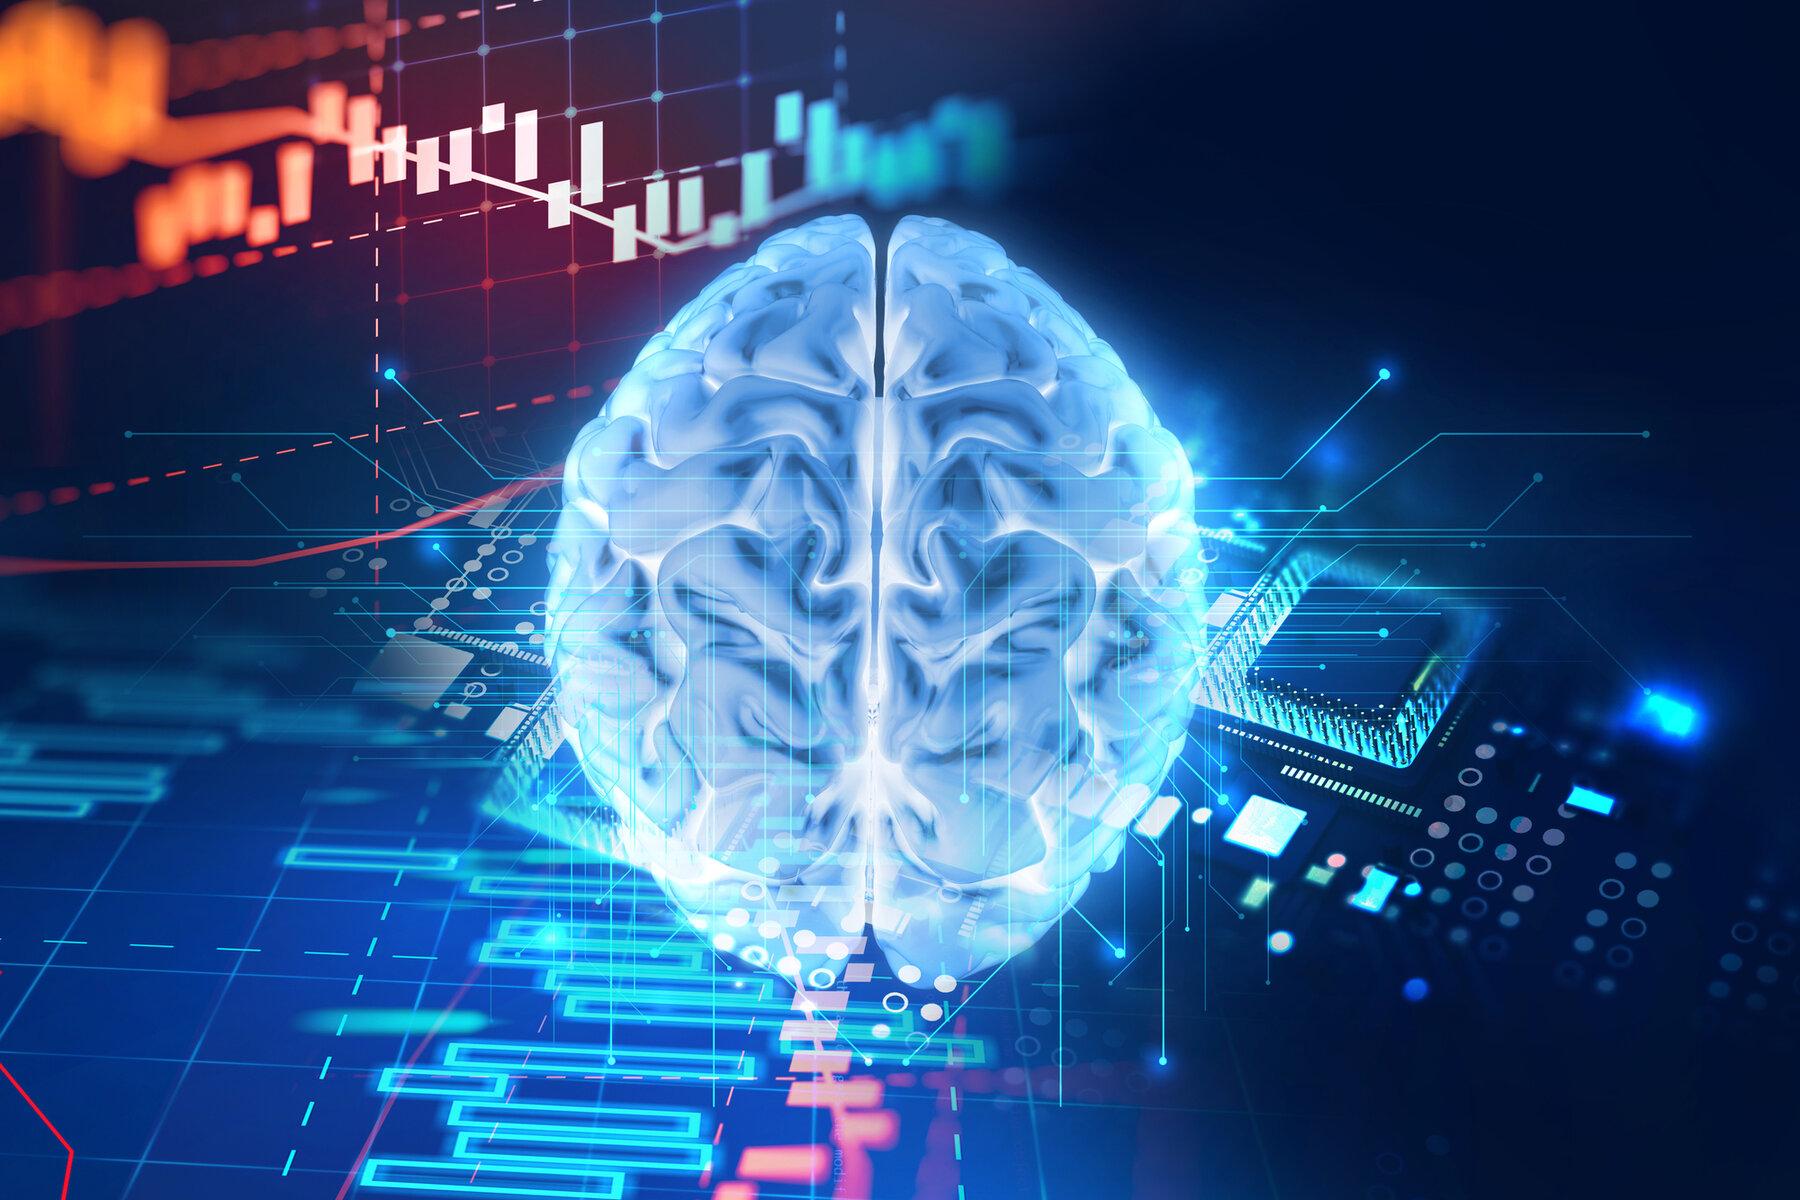 Estudo brain on tech da dell mostra a relação entre o computador e a mente; entenda. Com o estudo brain on tech, foram feitos testes de performance e níveis de estresse, onde pôde-se reafirmar que uma boa máquina afetará o desempenho da nossa mente